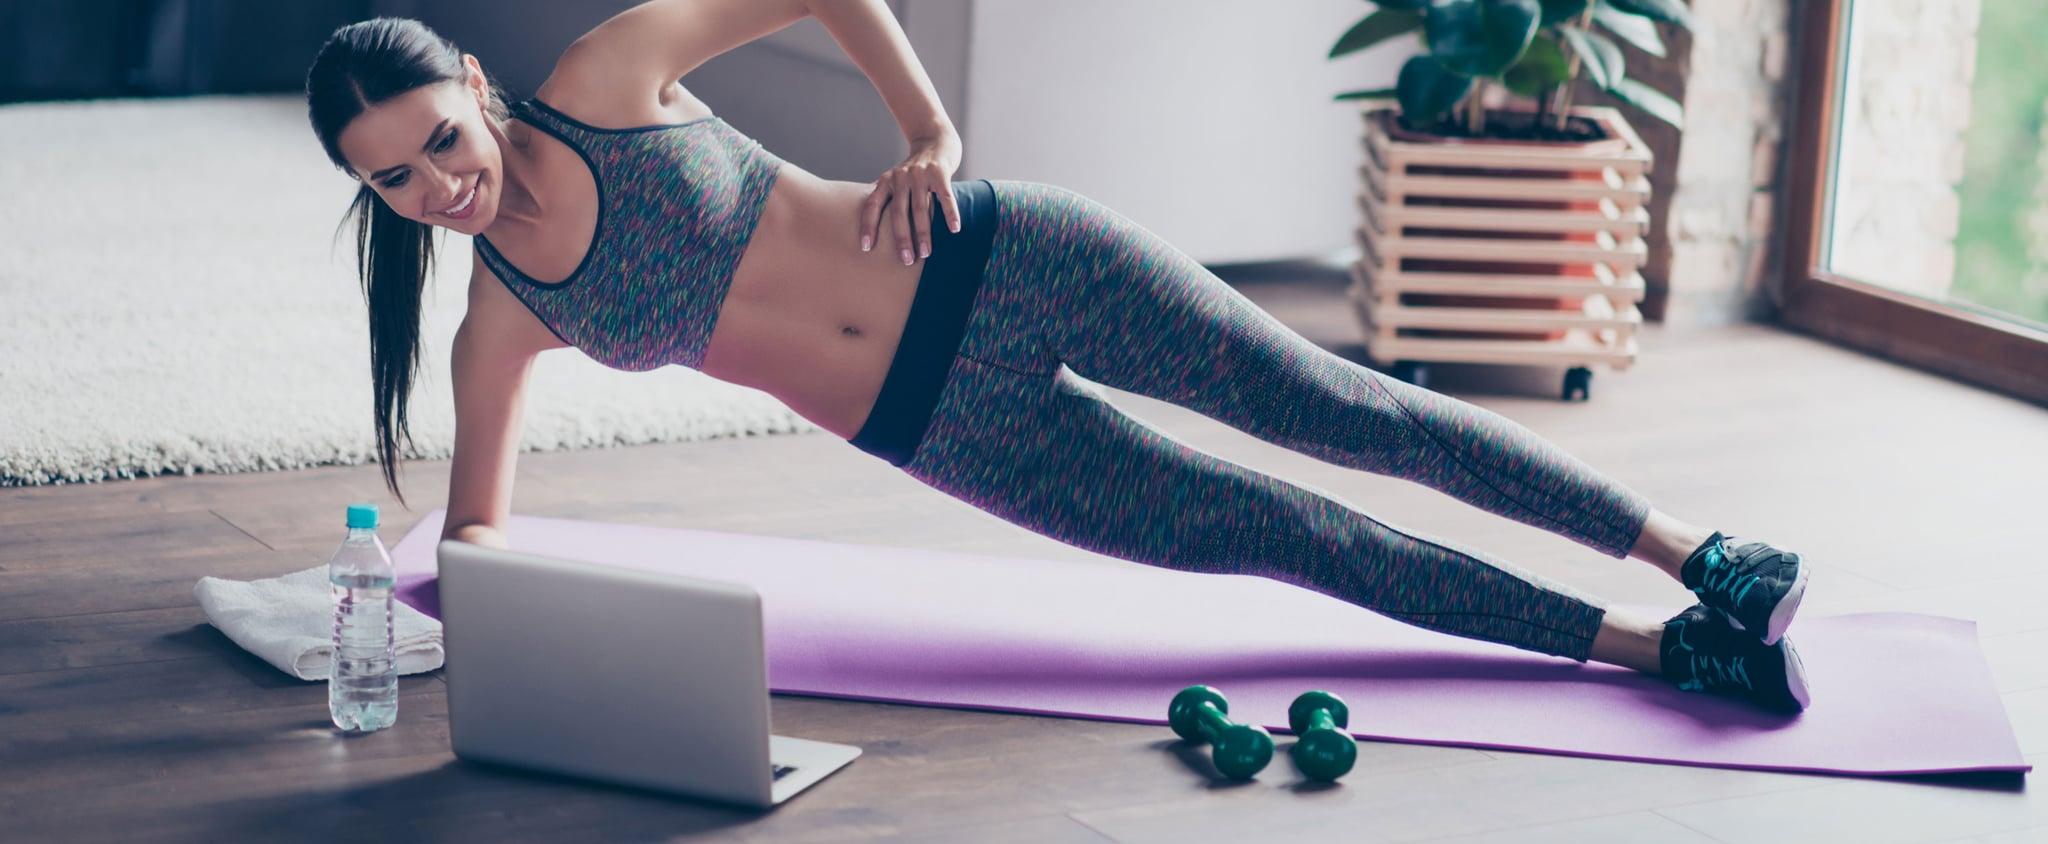 تمارين في المنزل | أفضل تمارين وزن الجسم للذراعين